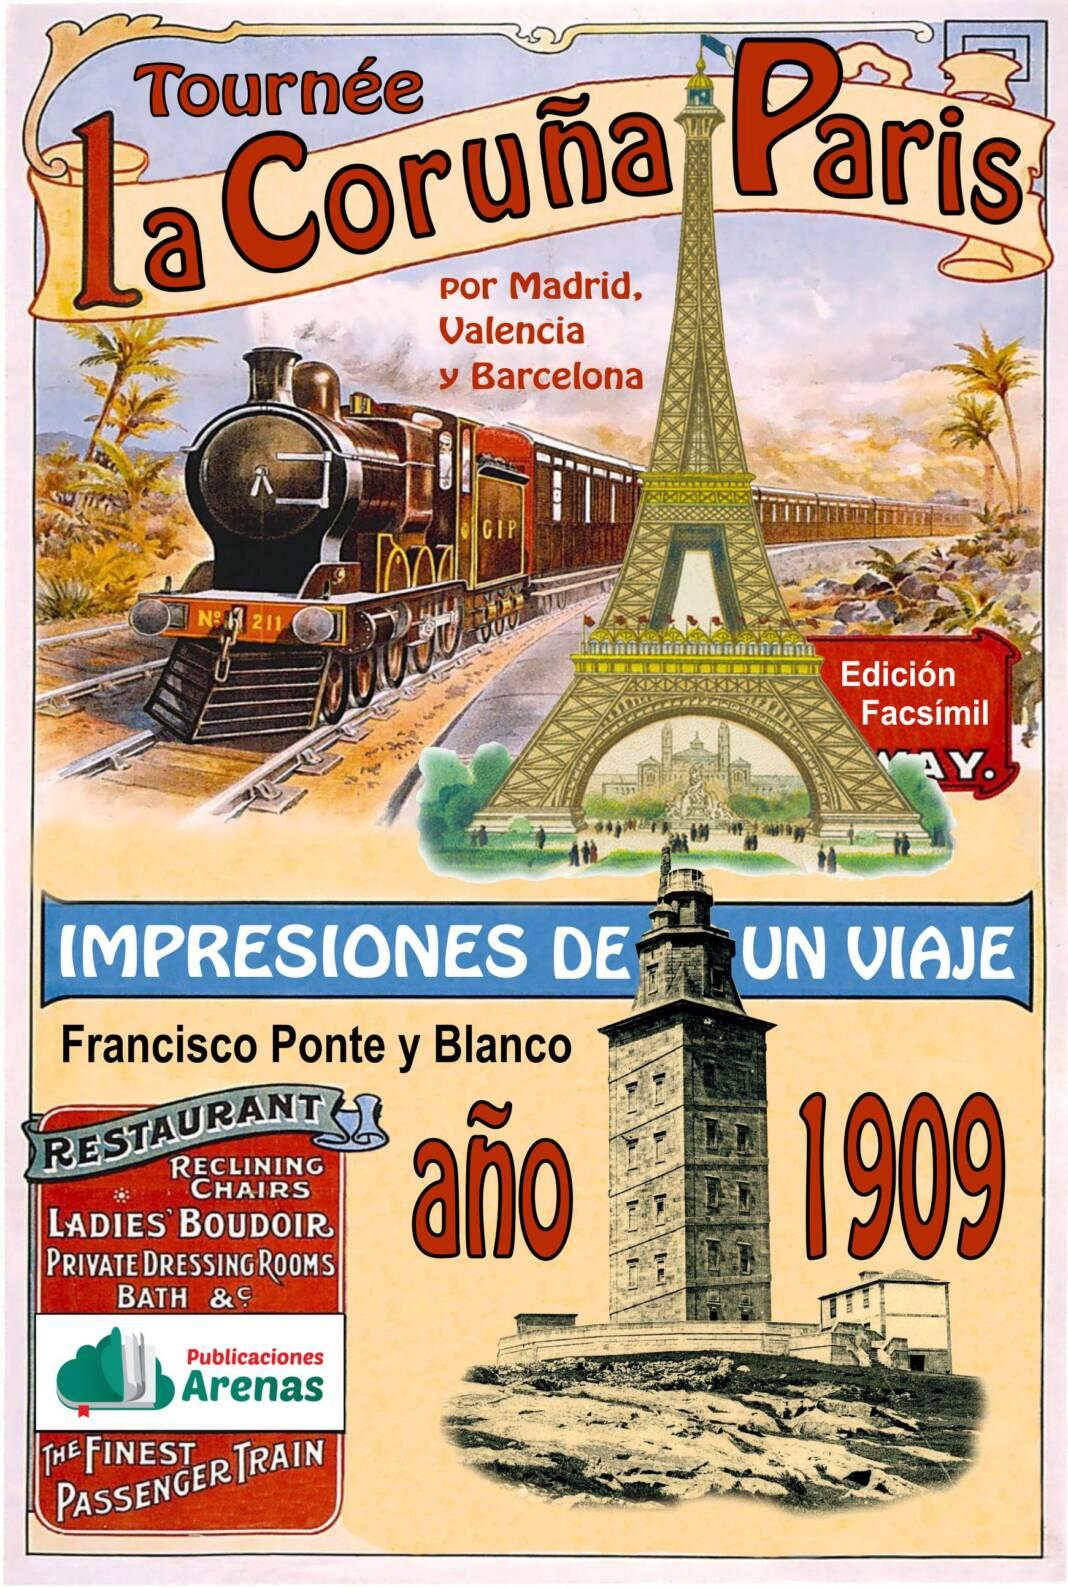 portada-viaje-coruna-paris-e1618081192803.jpg